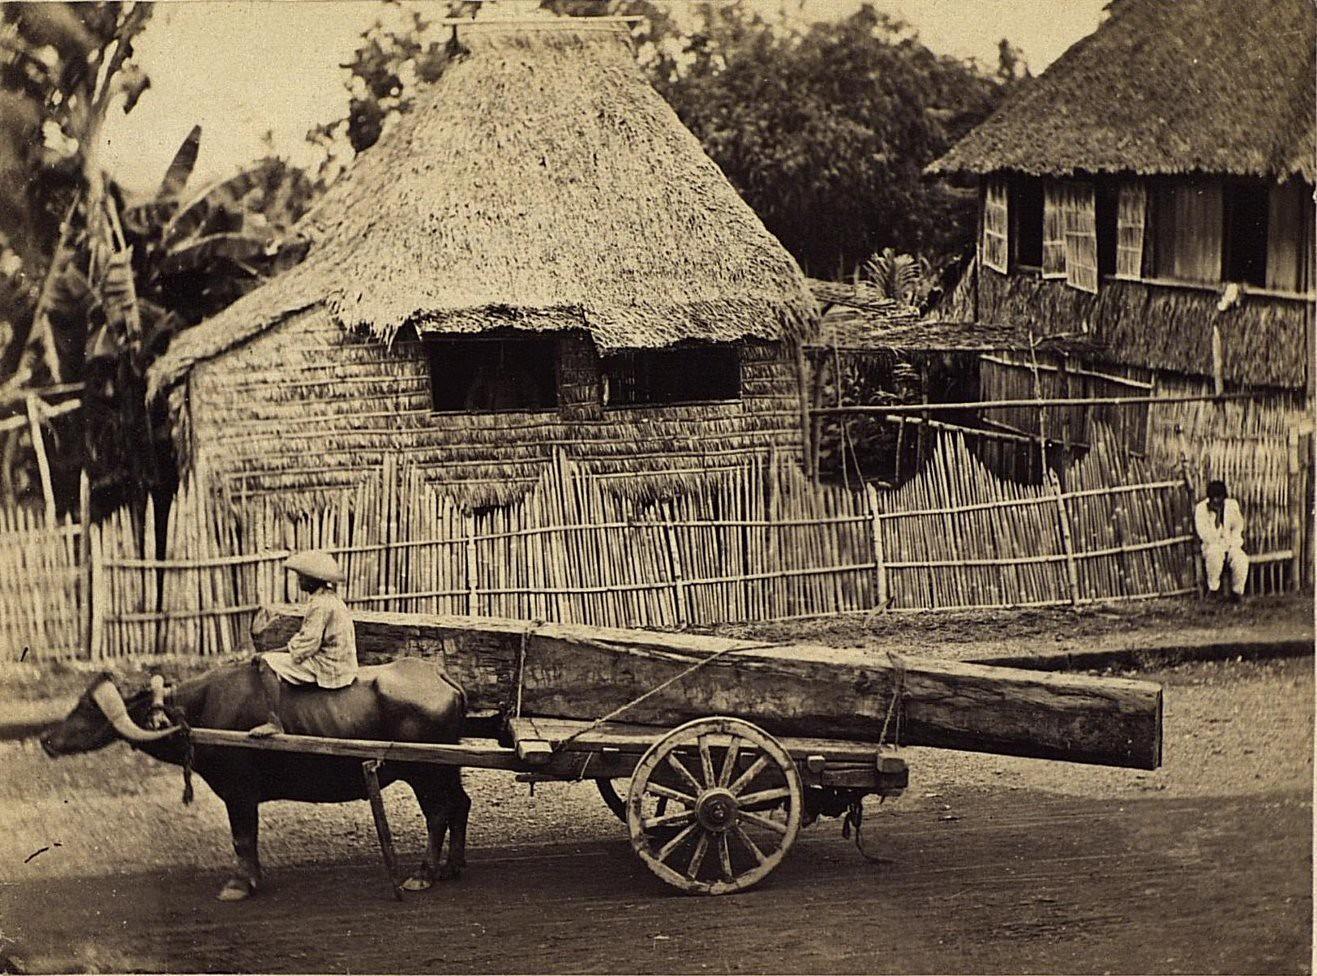 Способ перевозки тяжестей. Филиппины, город Манила. 1872